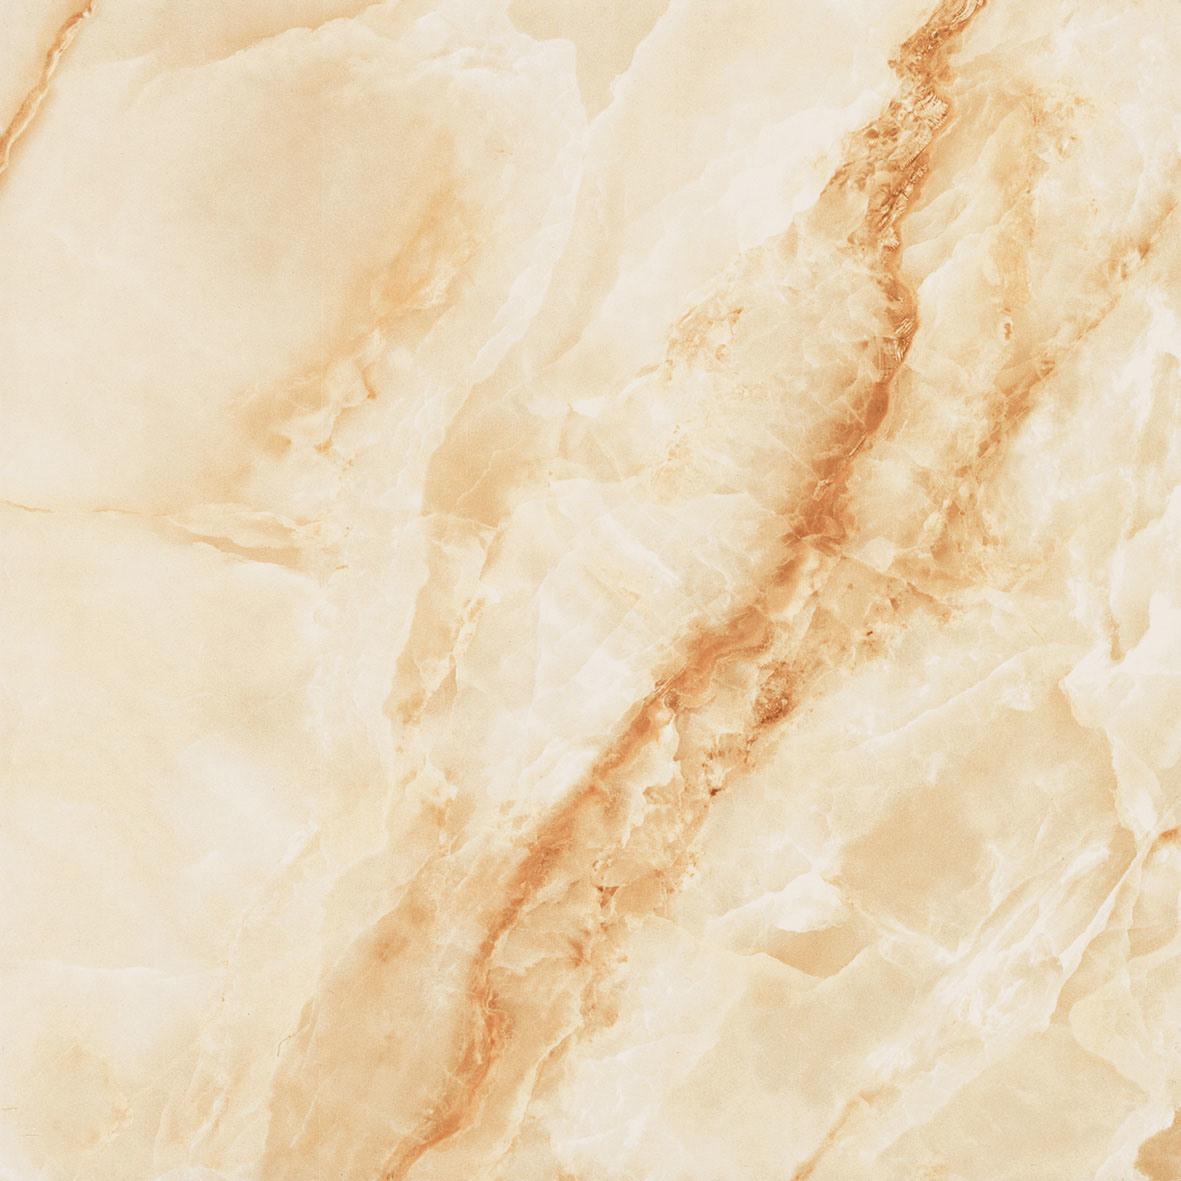 Foto de baldosas cer micas esmaltadas r sticas del suelo de la porcelana 600 600 en es made in - Suelos de porcelana ...